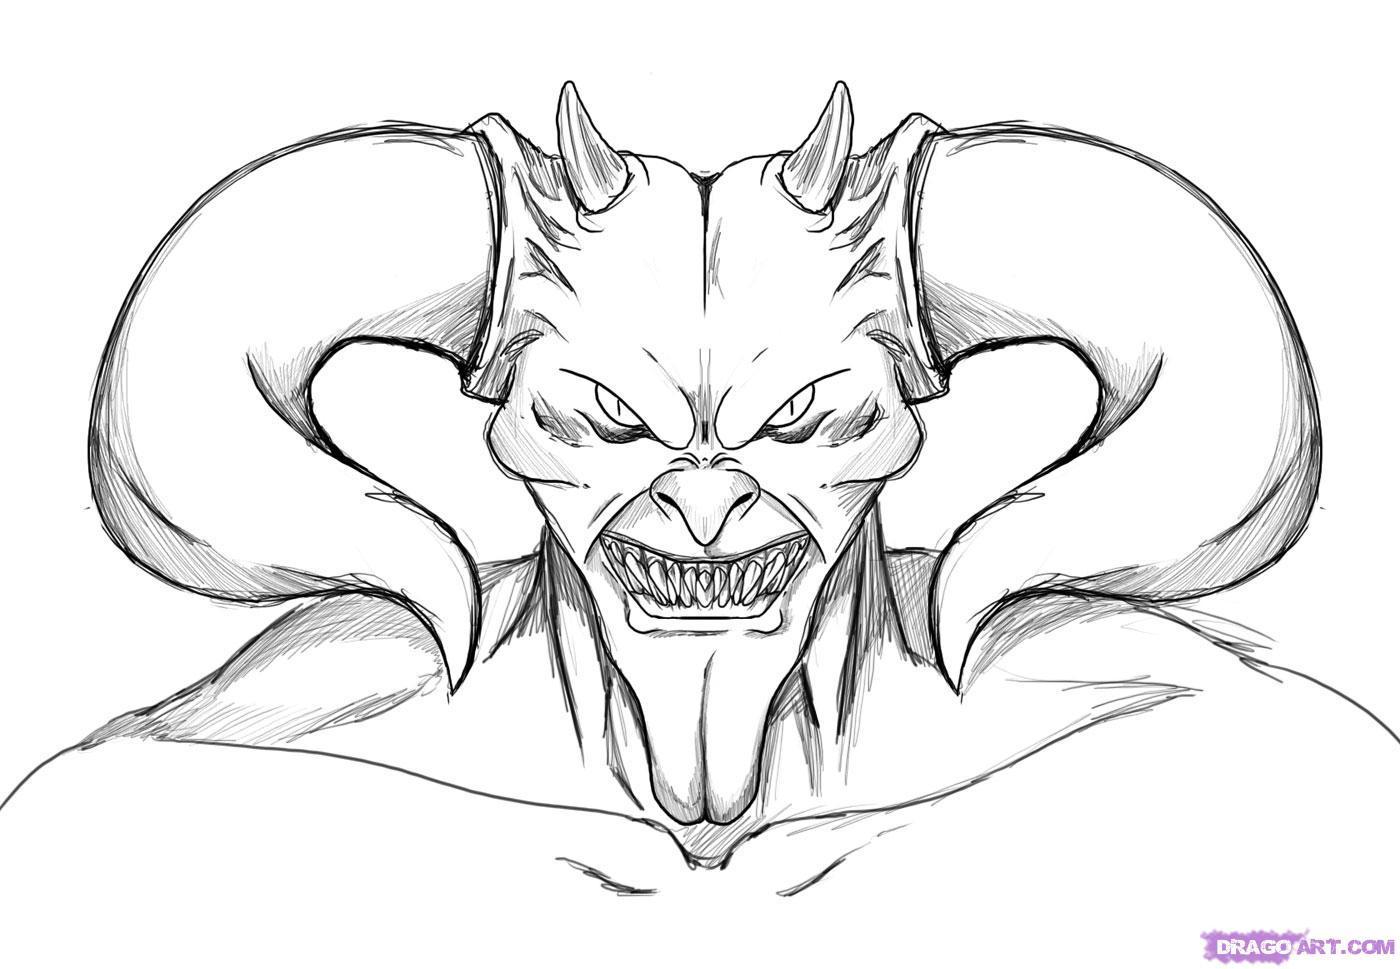 Чтож, давайте разбираться в этом вопросе.  Дьявол, он же сатана, черт, демон и т.д. - суть есть...